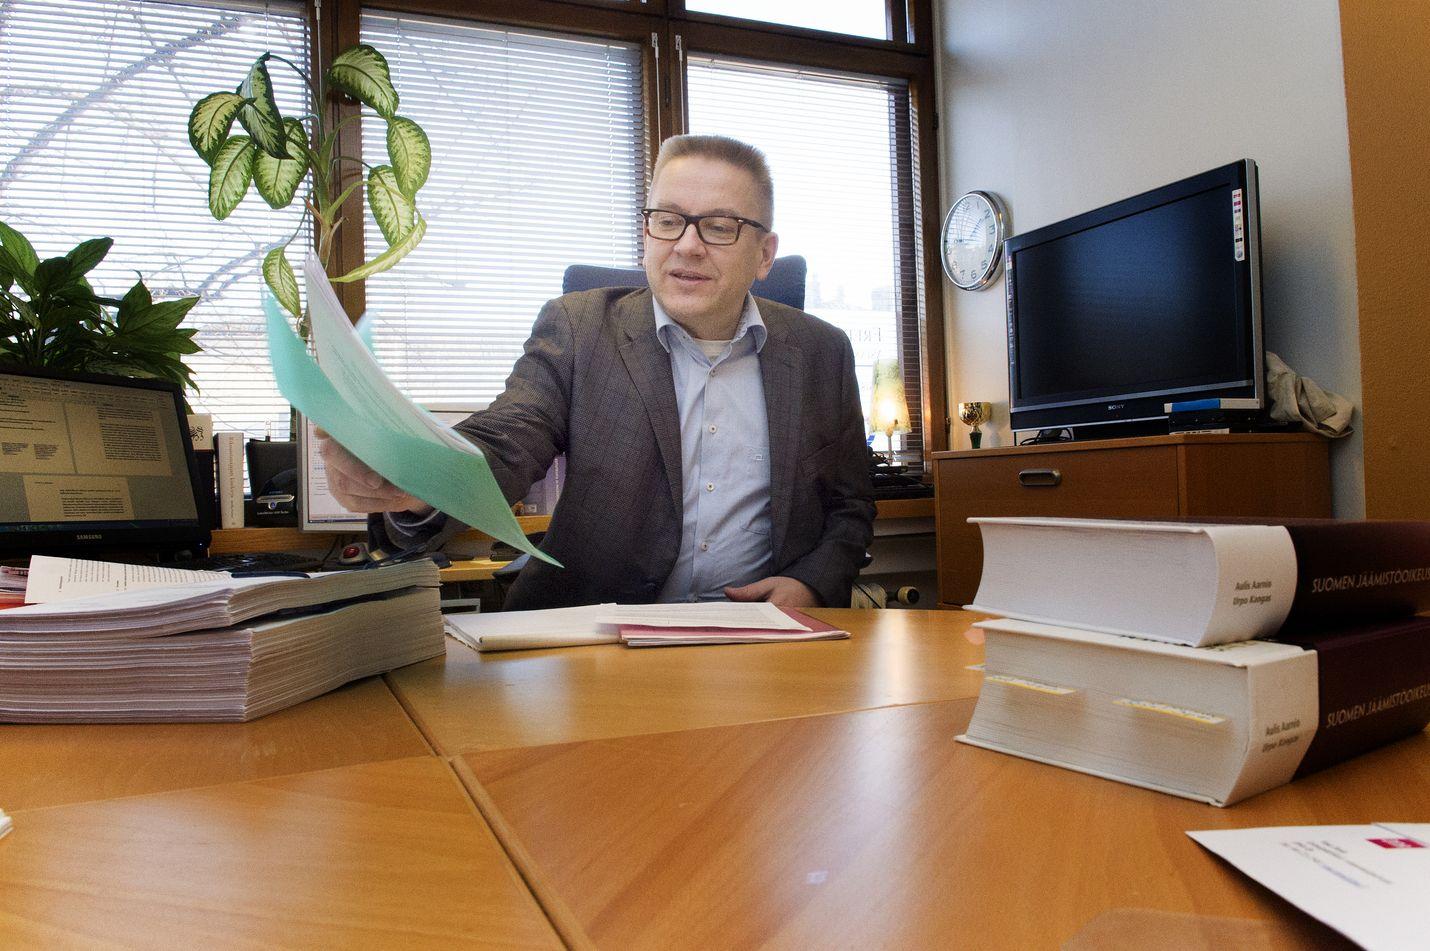 Helsinkiläinen asianajaja Markku Fredman palkittiin työstään perus- ja ihmisoikeuksien eteen.